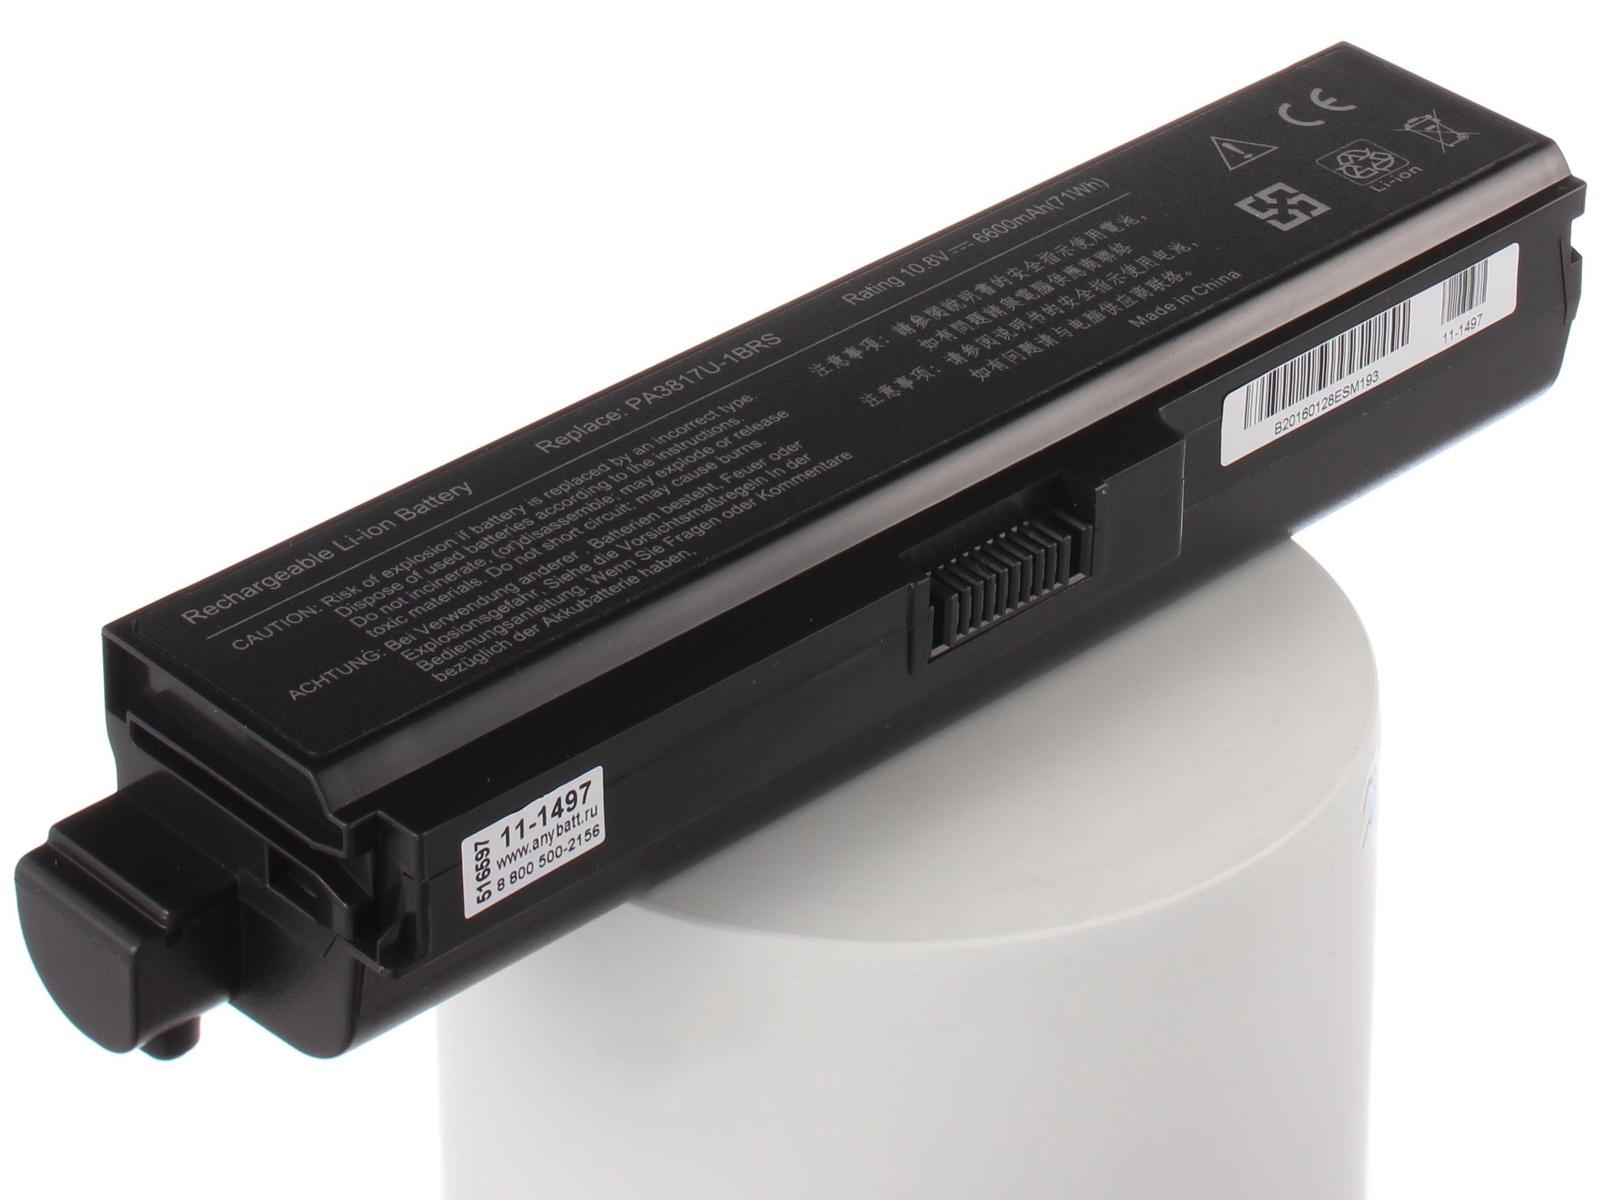 все цены на Аккумулятор для ноутбука AnyBatt для ToshiBa Satellite L655-1EK, Satellite L655D, Satellite A665-S6050, Satellite L650D-100, Satellite A660-181, Satellite L650D-137, Satellite L630-140, Satellite L645, Satellite L635-12R онлайн